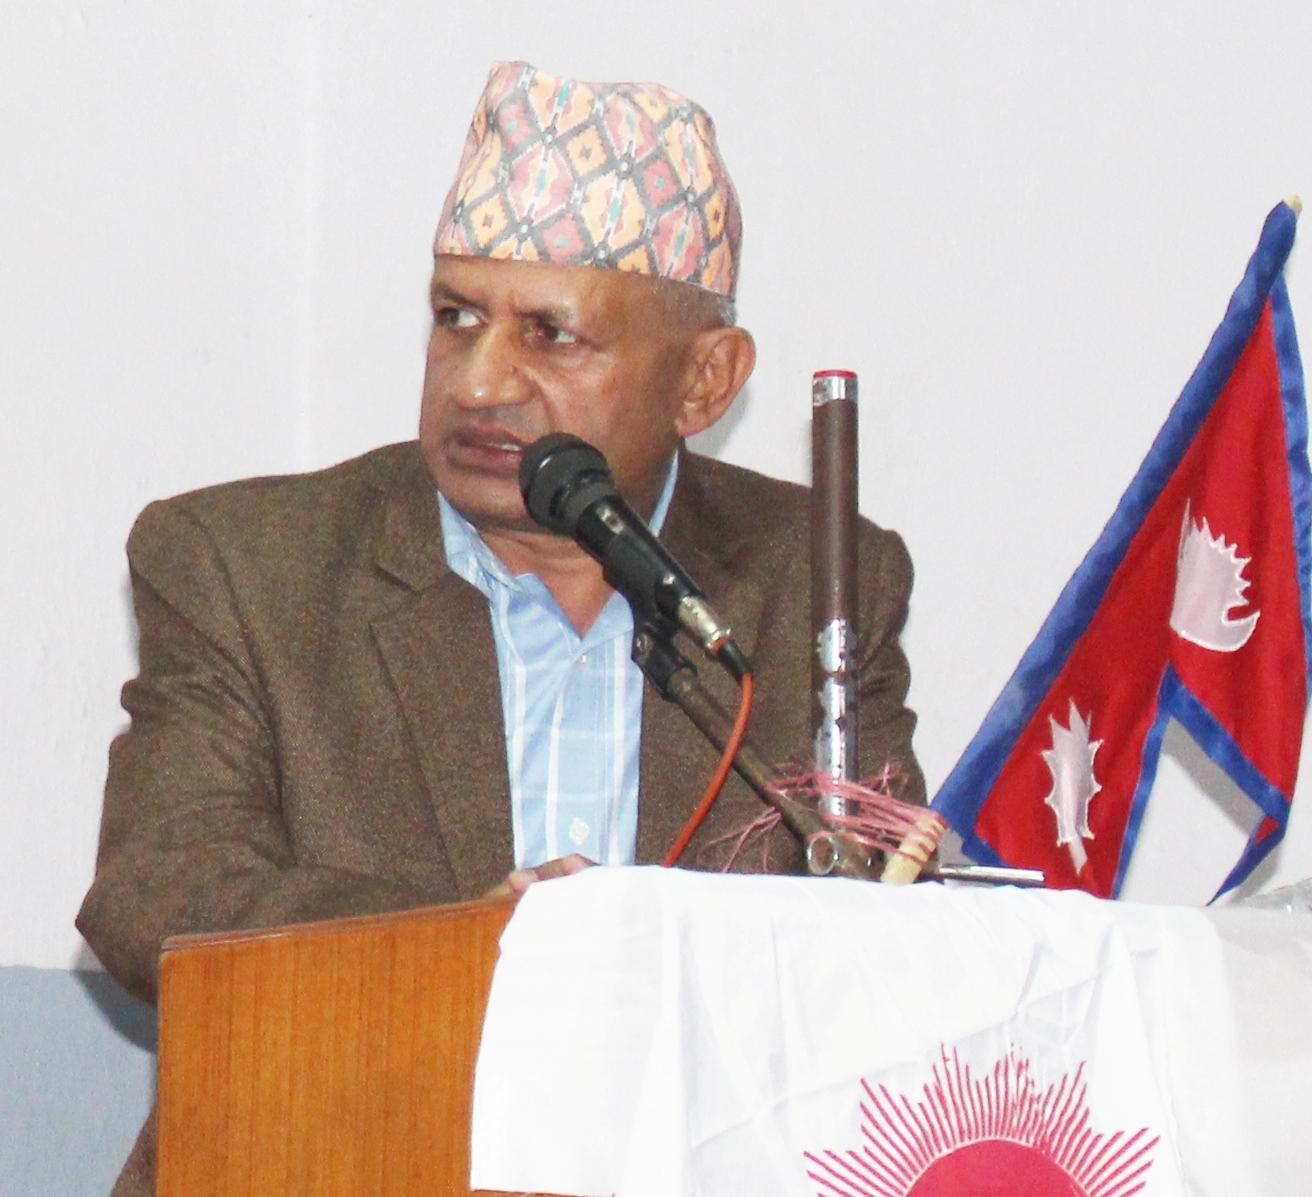 परराष्ट्रमन्त्रीले सुझाए नेपाल-चीन सहकार्यका पाँच क्षेत्र